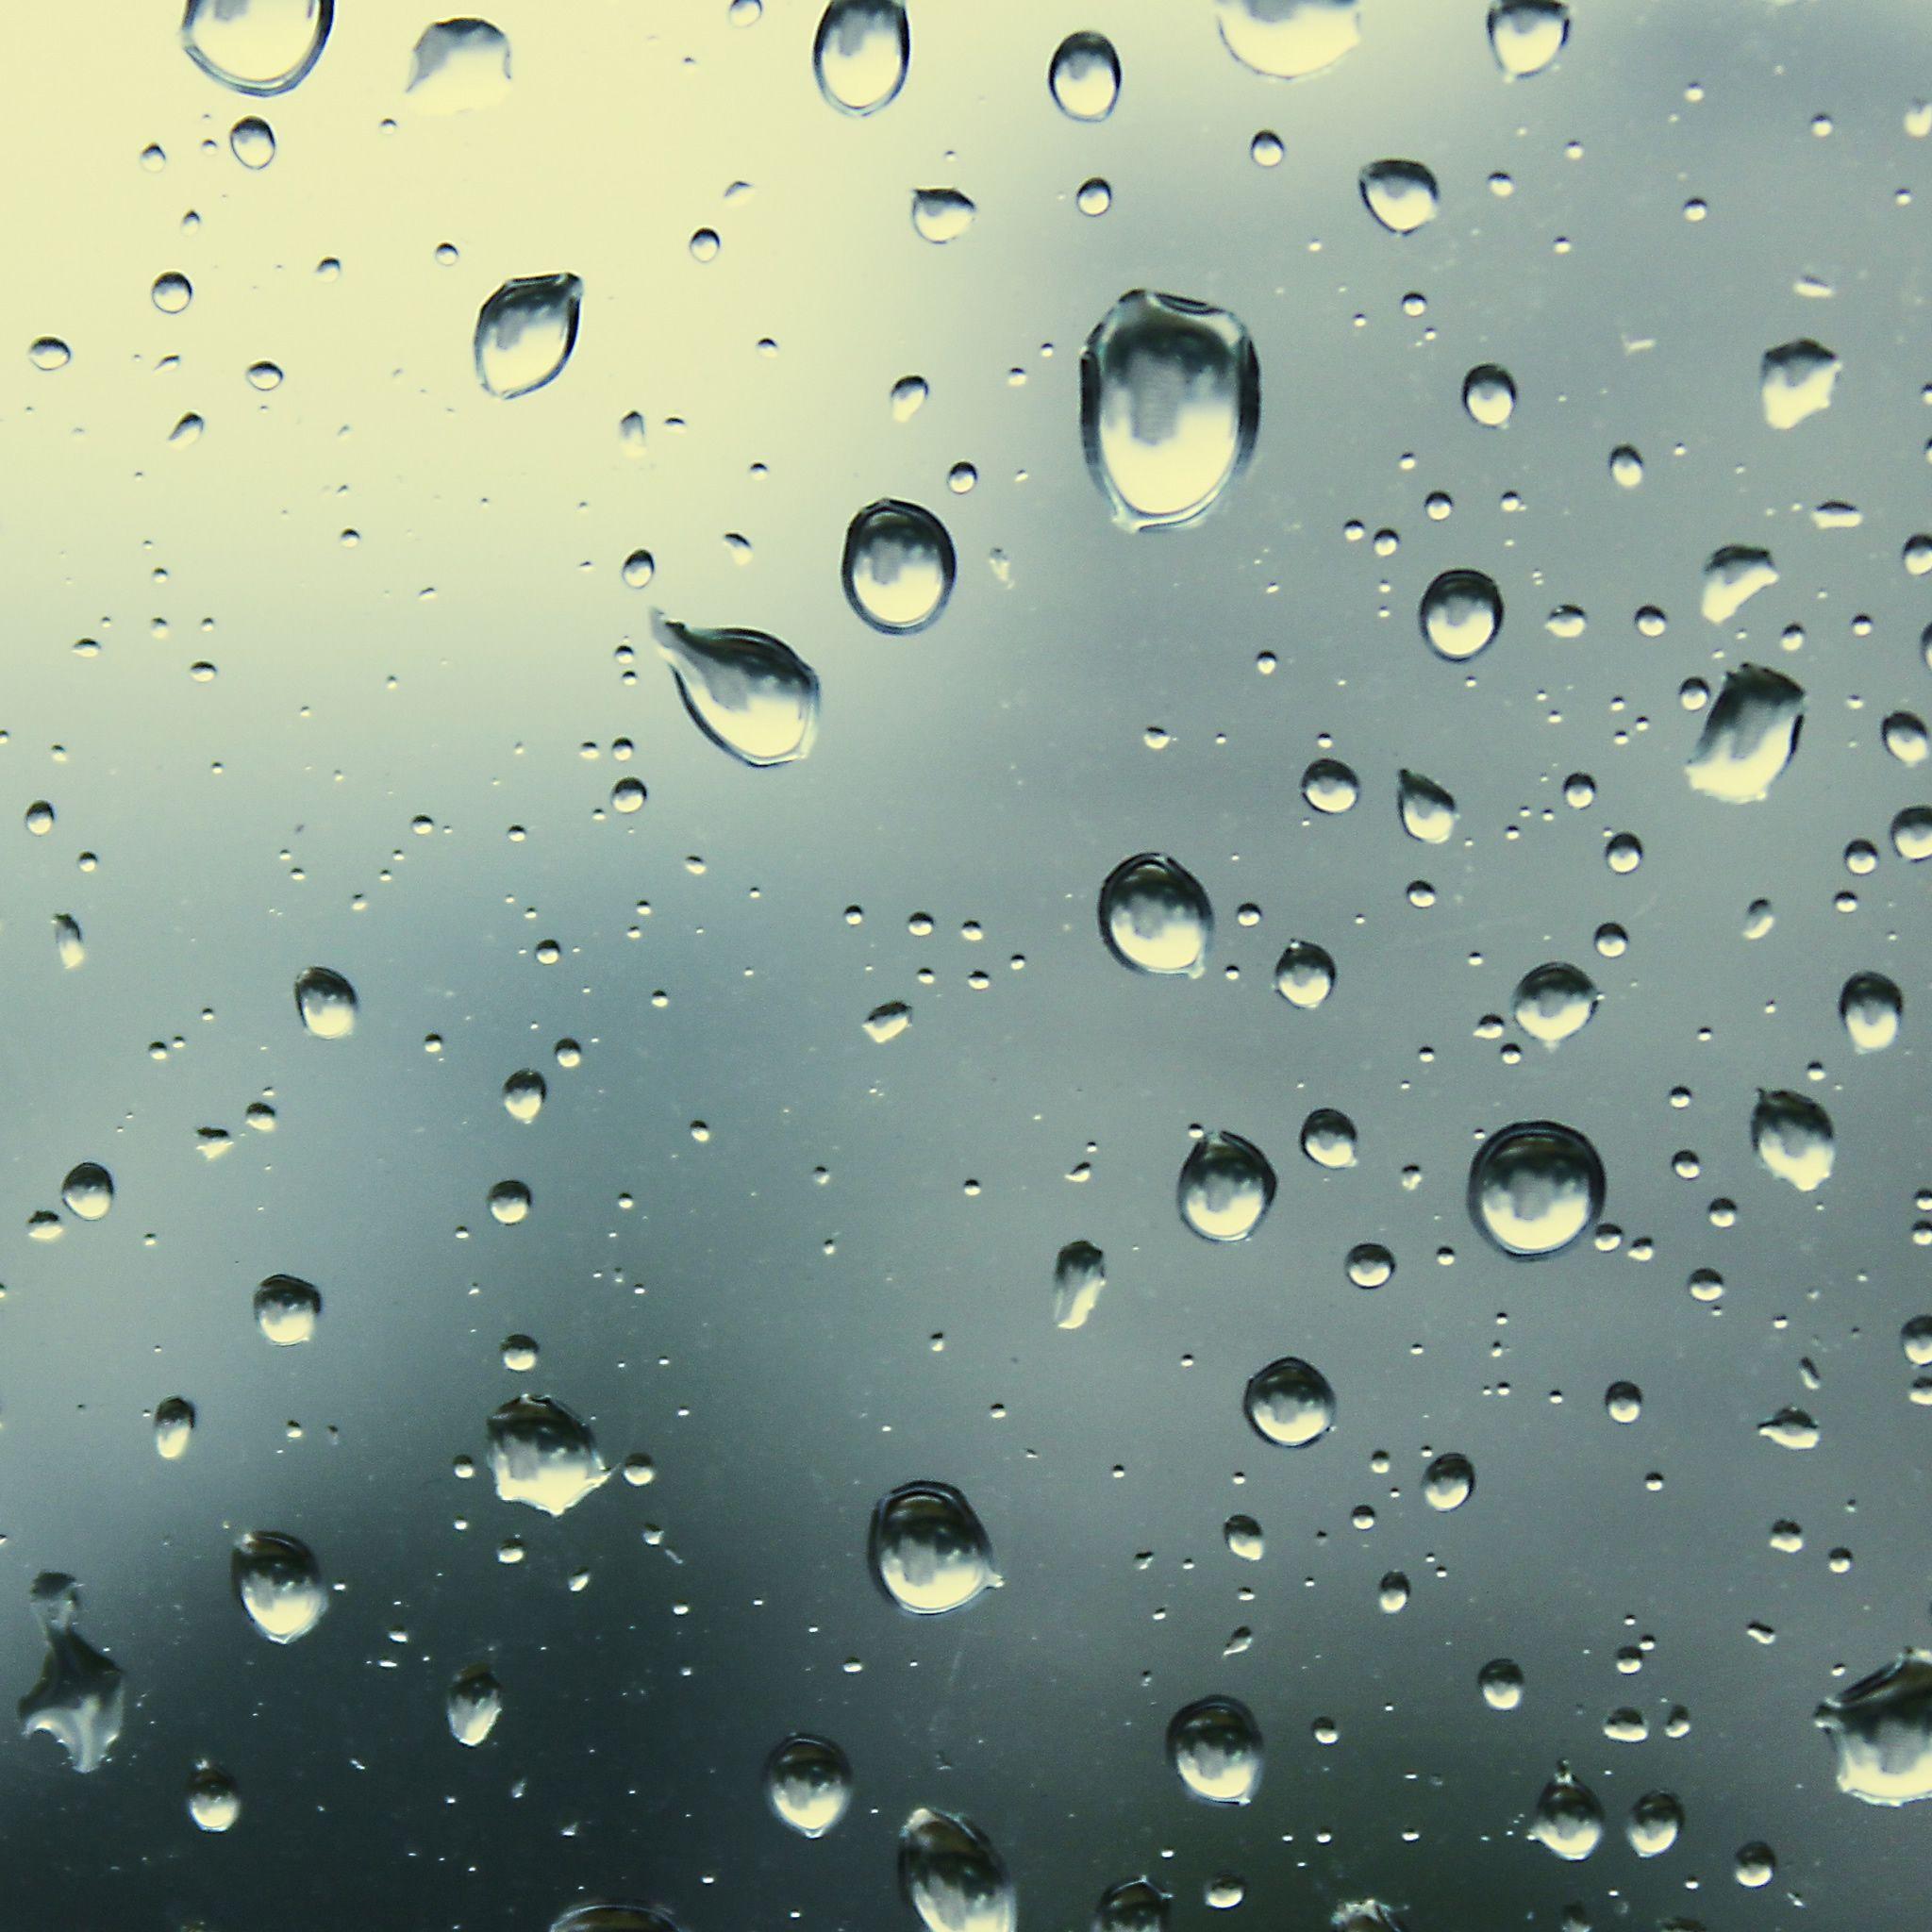 золотой дождь для айпада